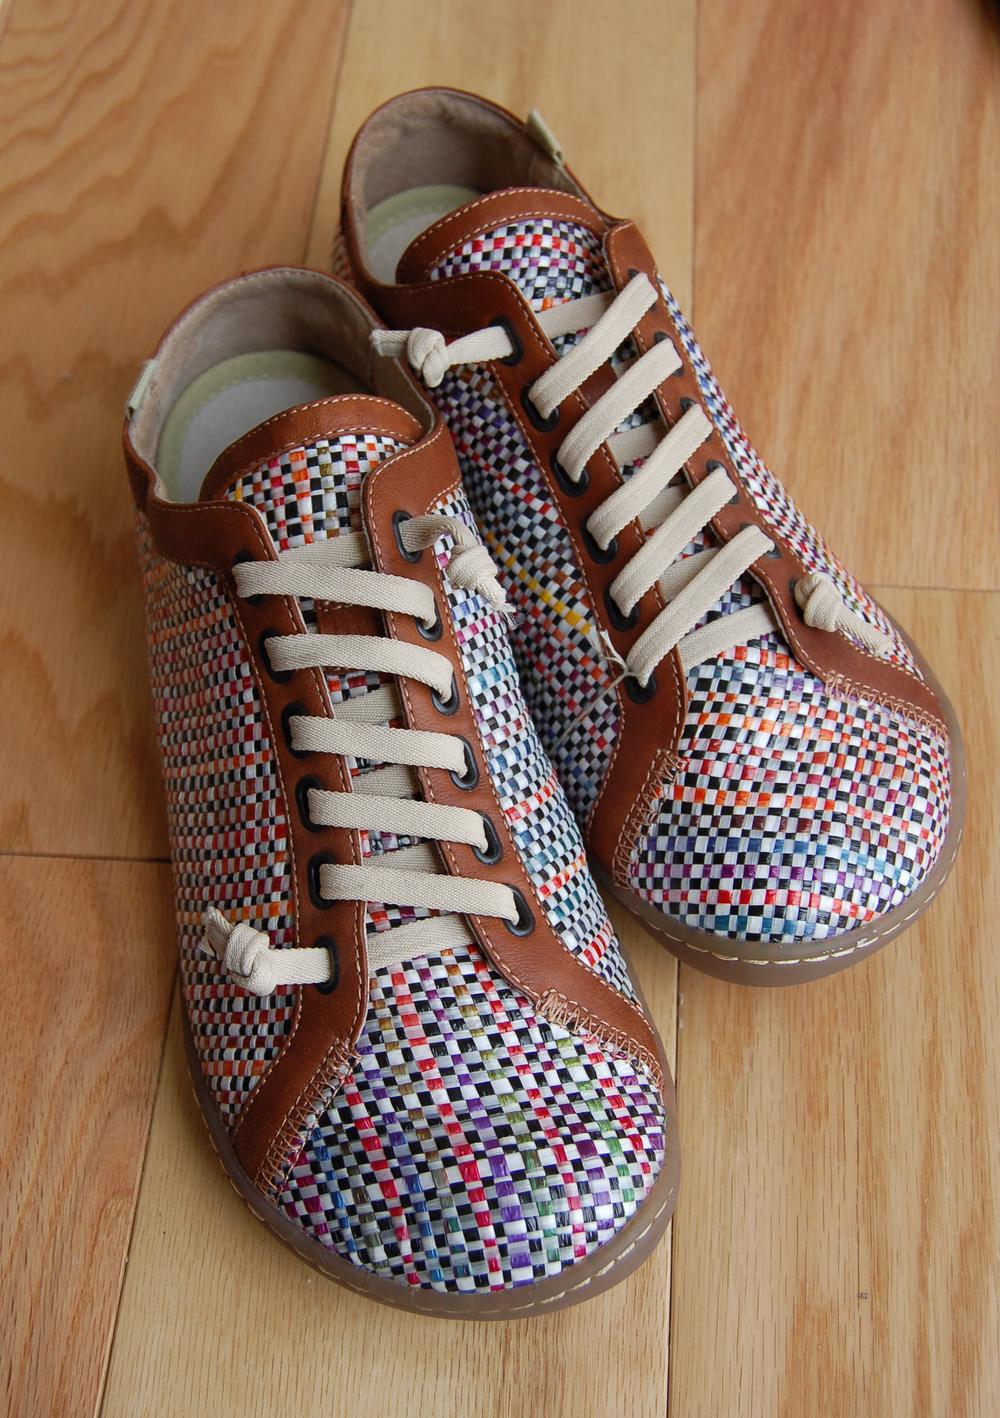 easterbasketshoes.jpg